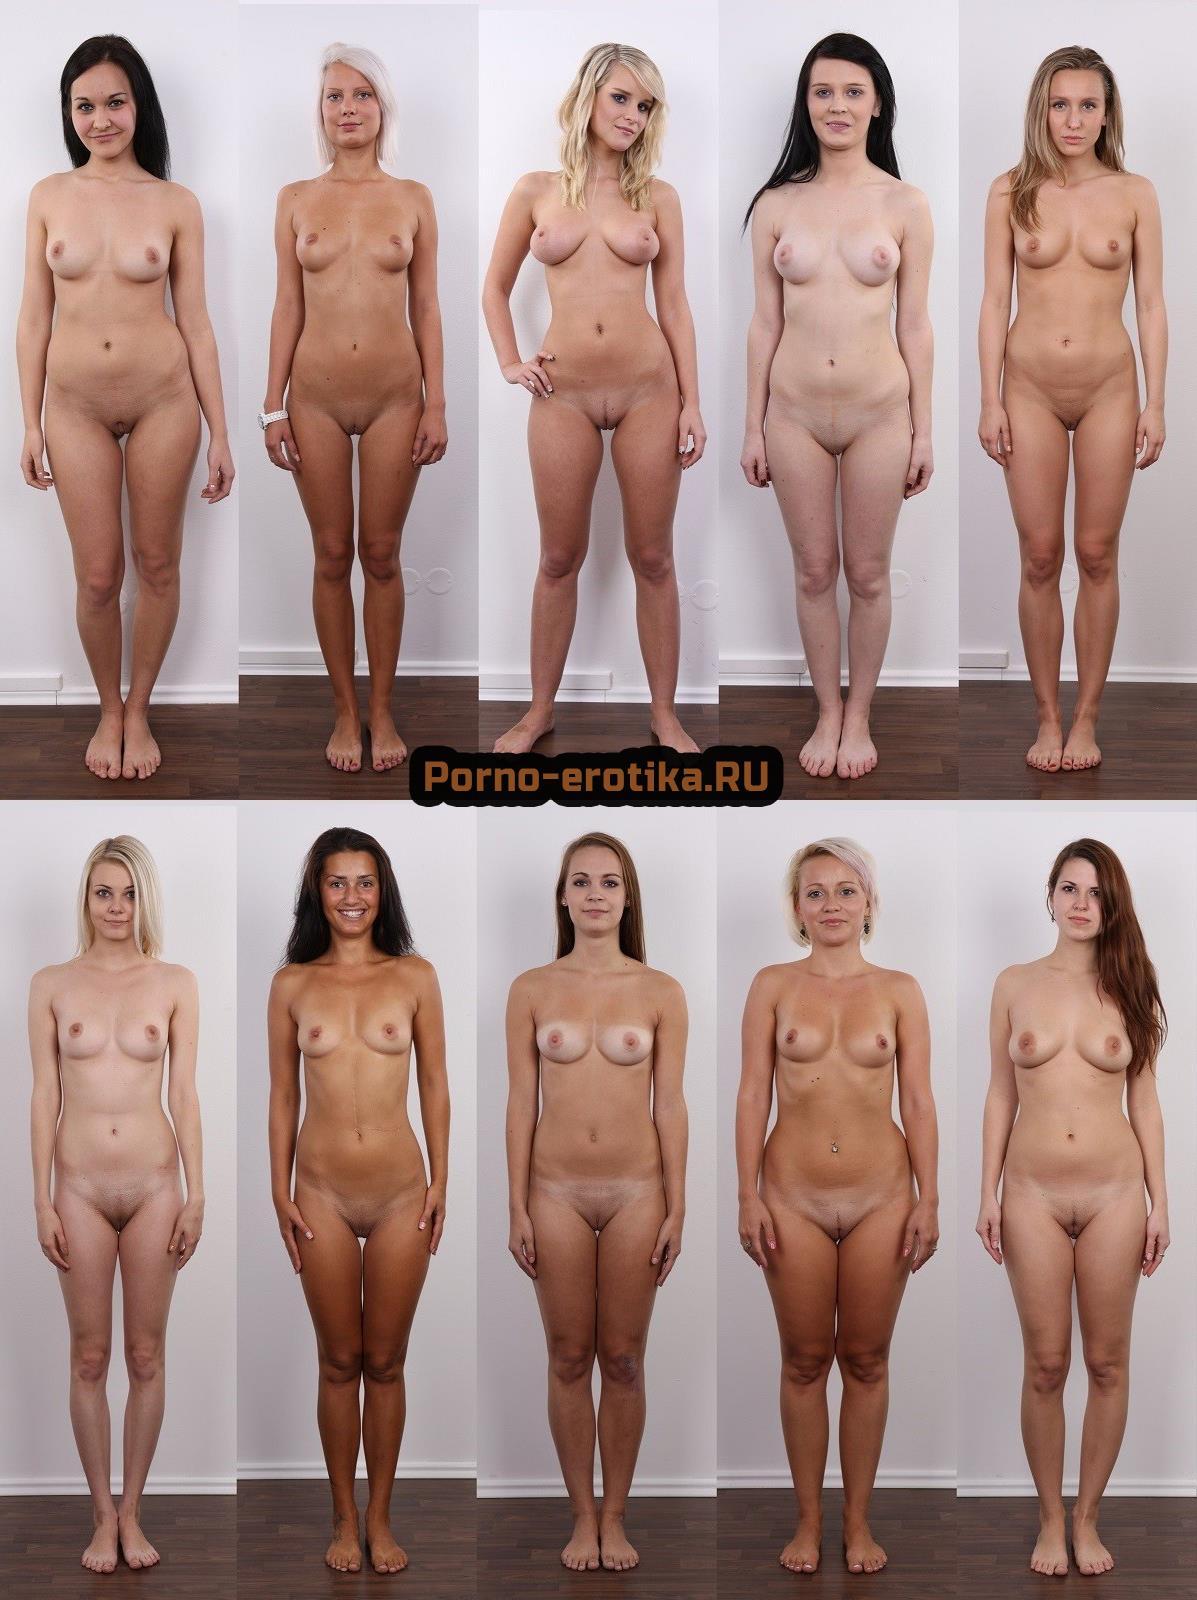 Фото кастинг голых фото моделей